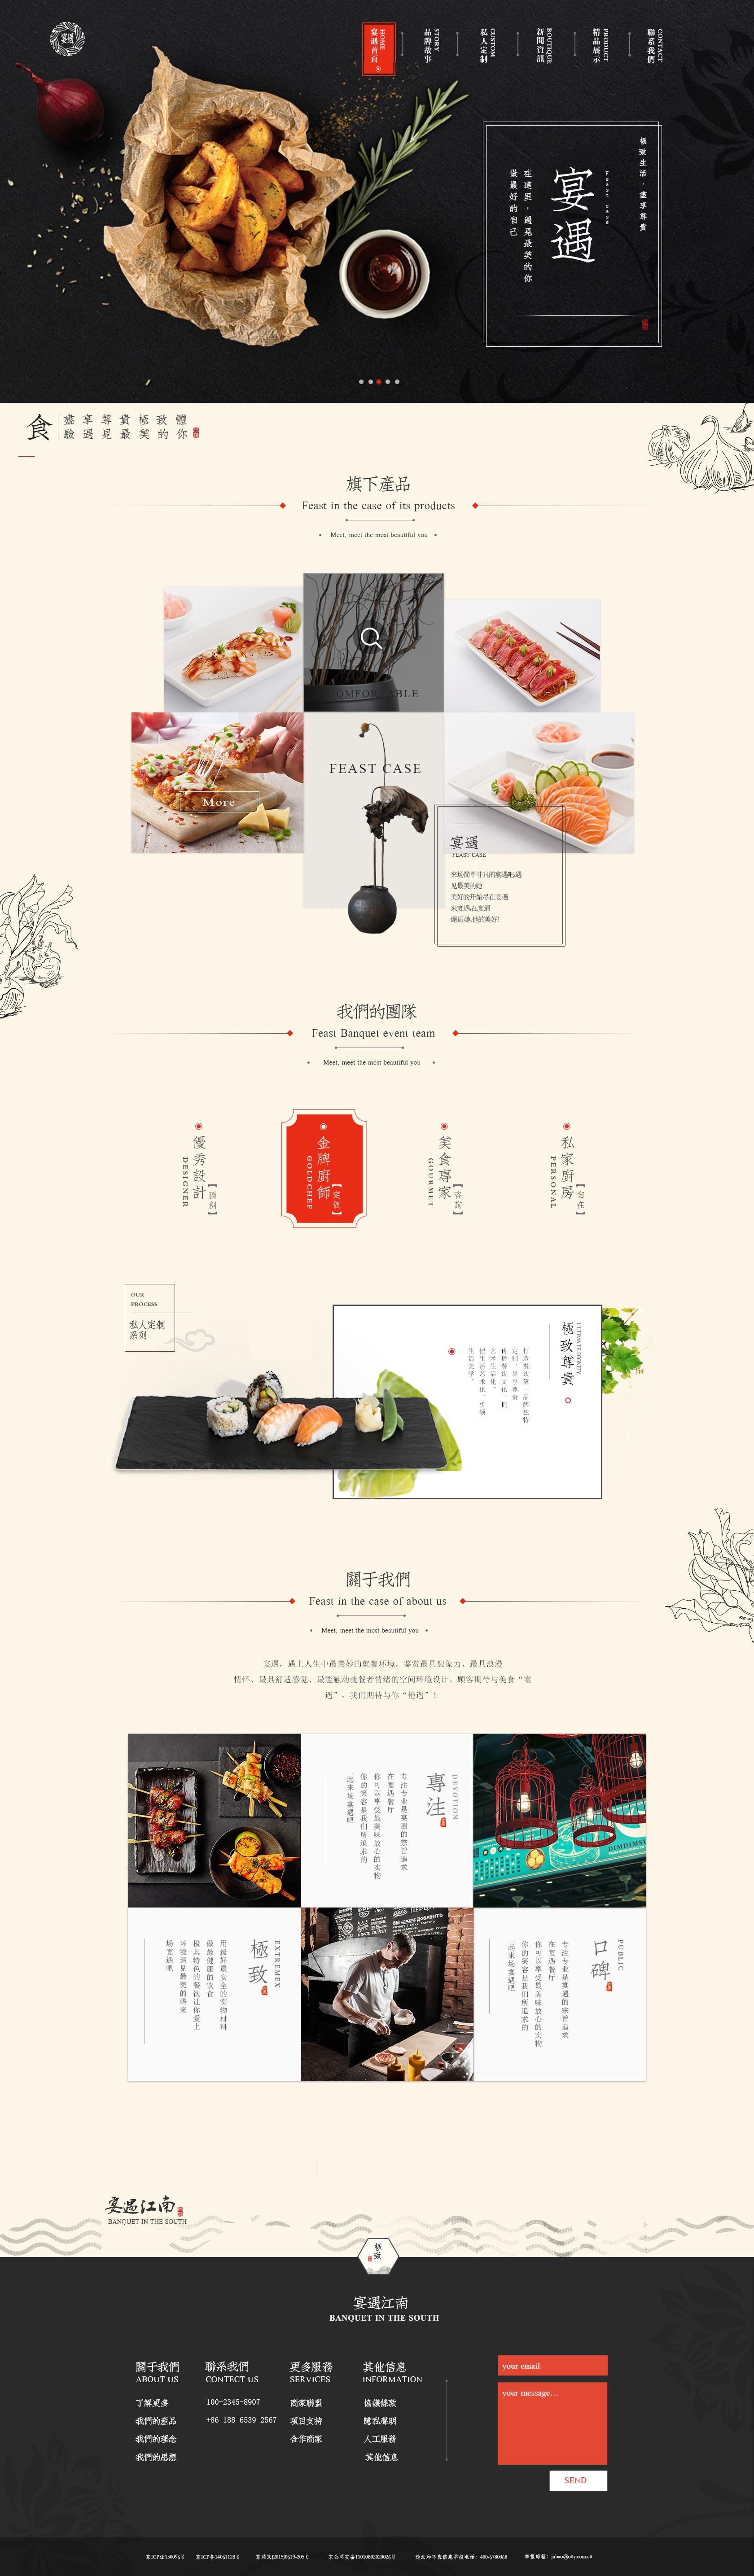 古风美食食材首页排版|网页|电商|黄设计 - 原创作品图片